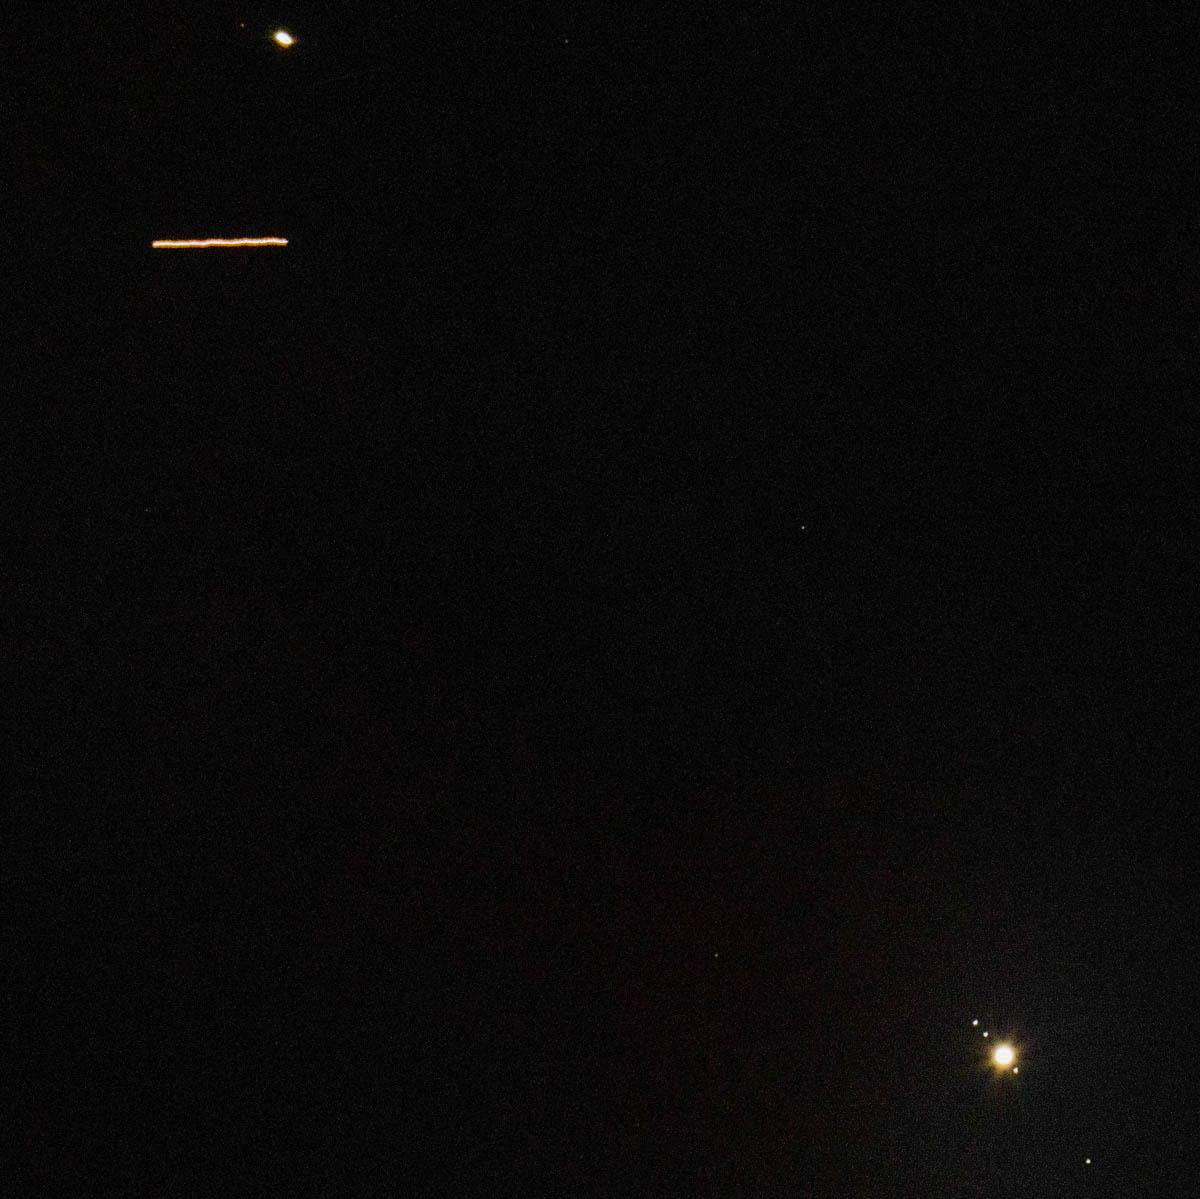 Estação espacial passa entre Saturno e Júpiter